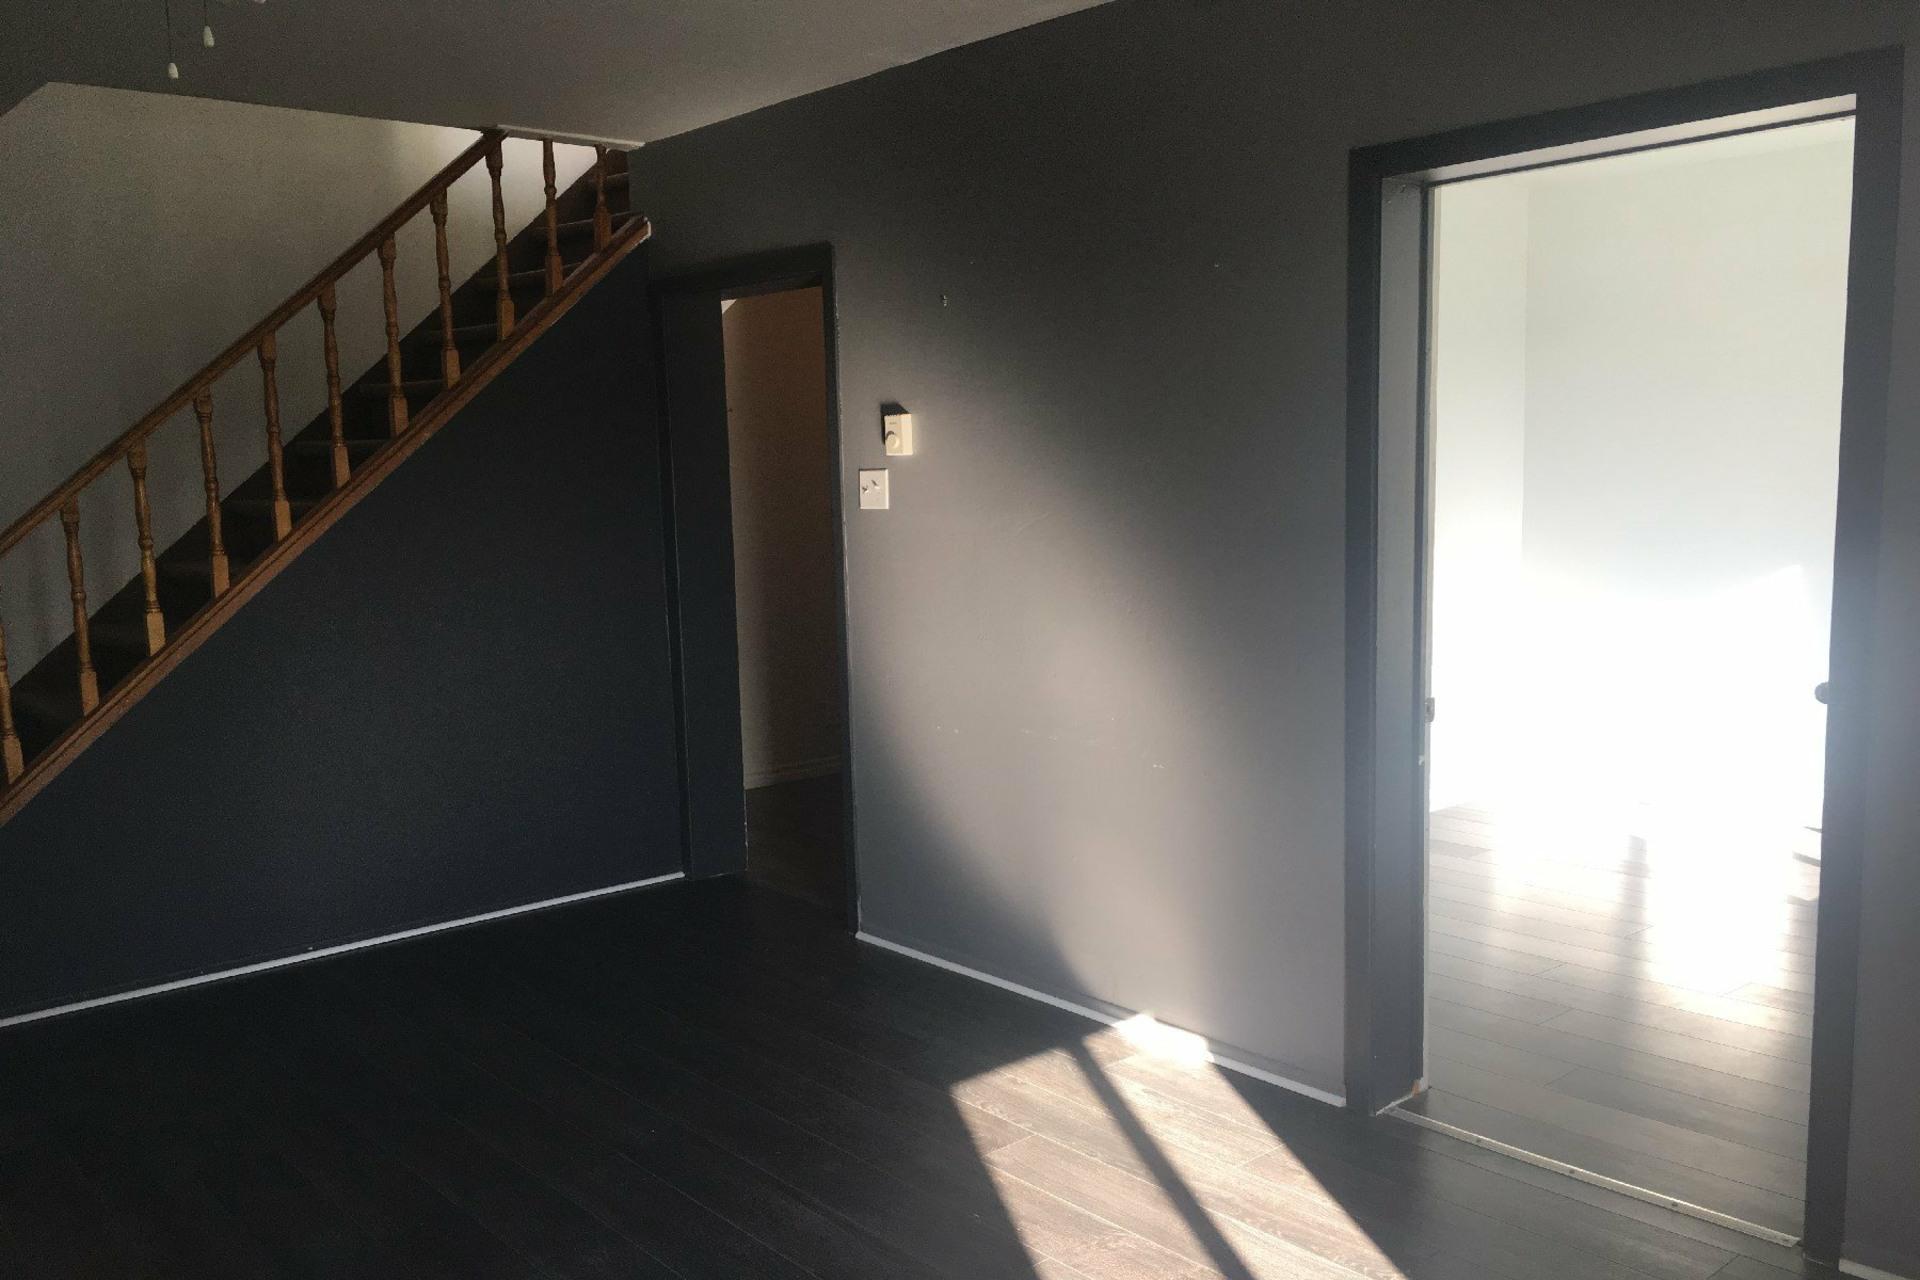 image 8 - Duplex For sale Joliette - 4 rooms